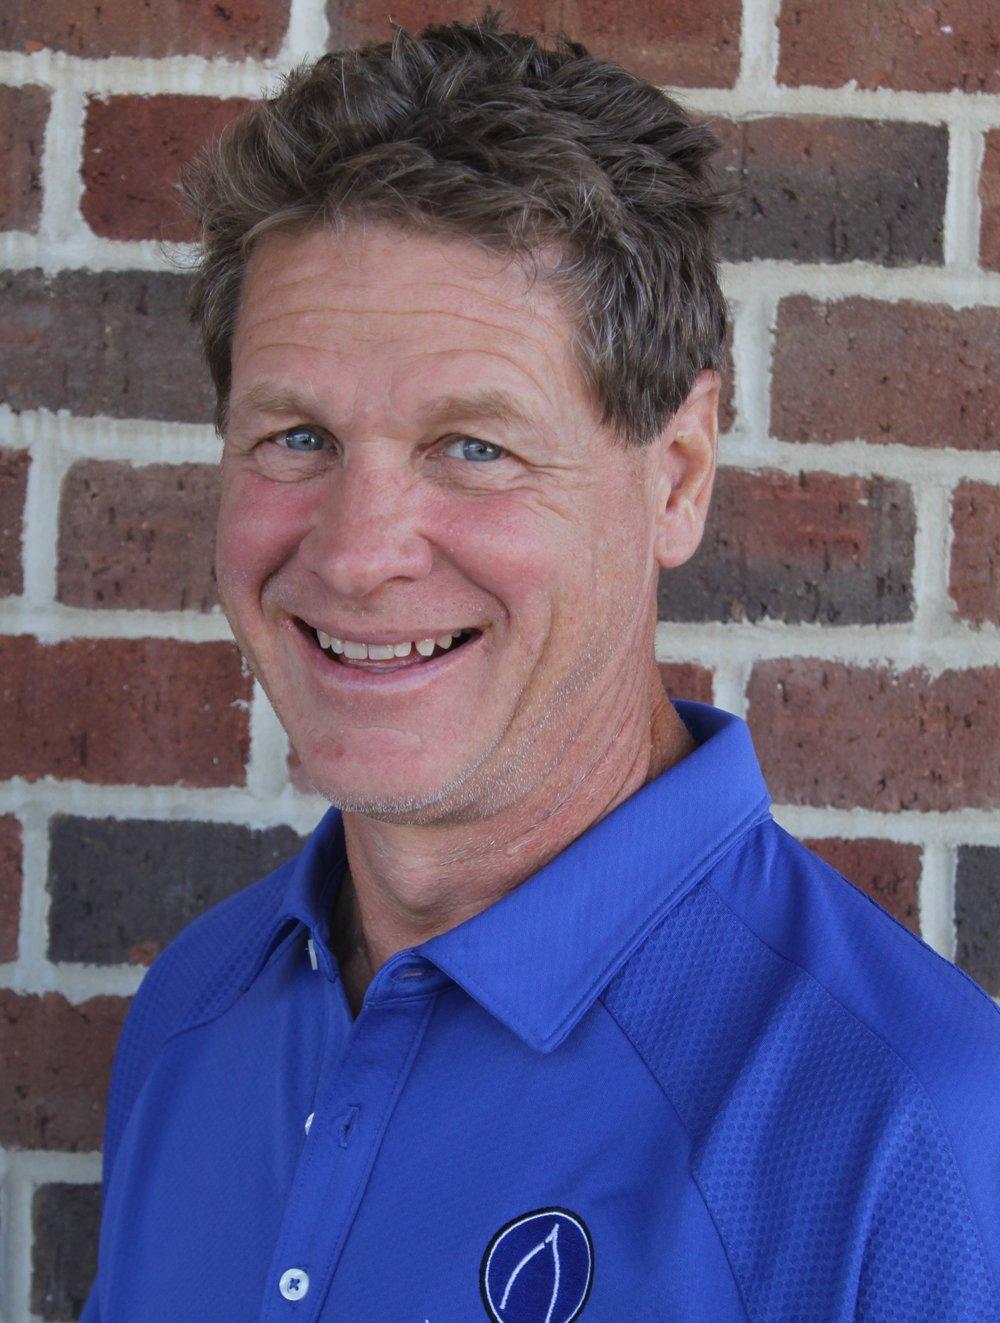 Dave Weidenbenner